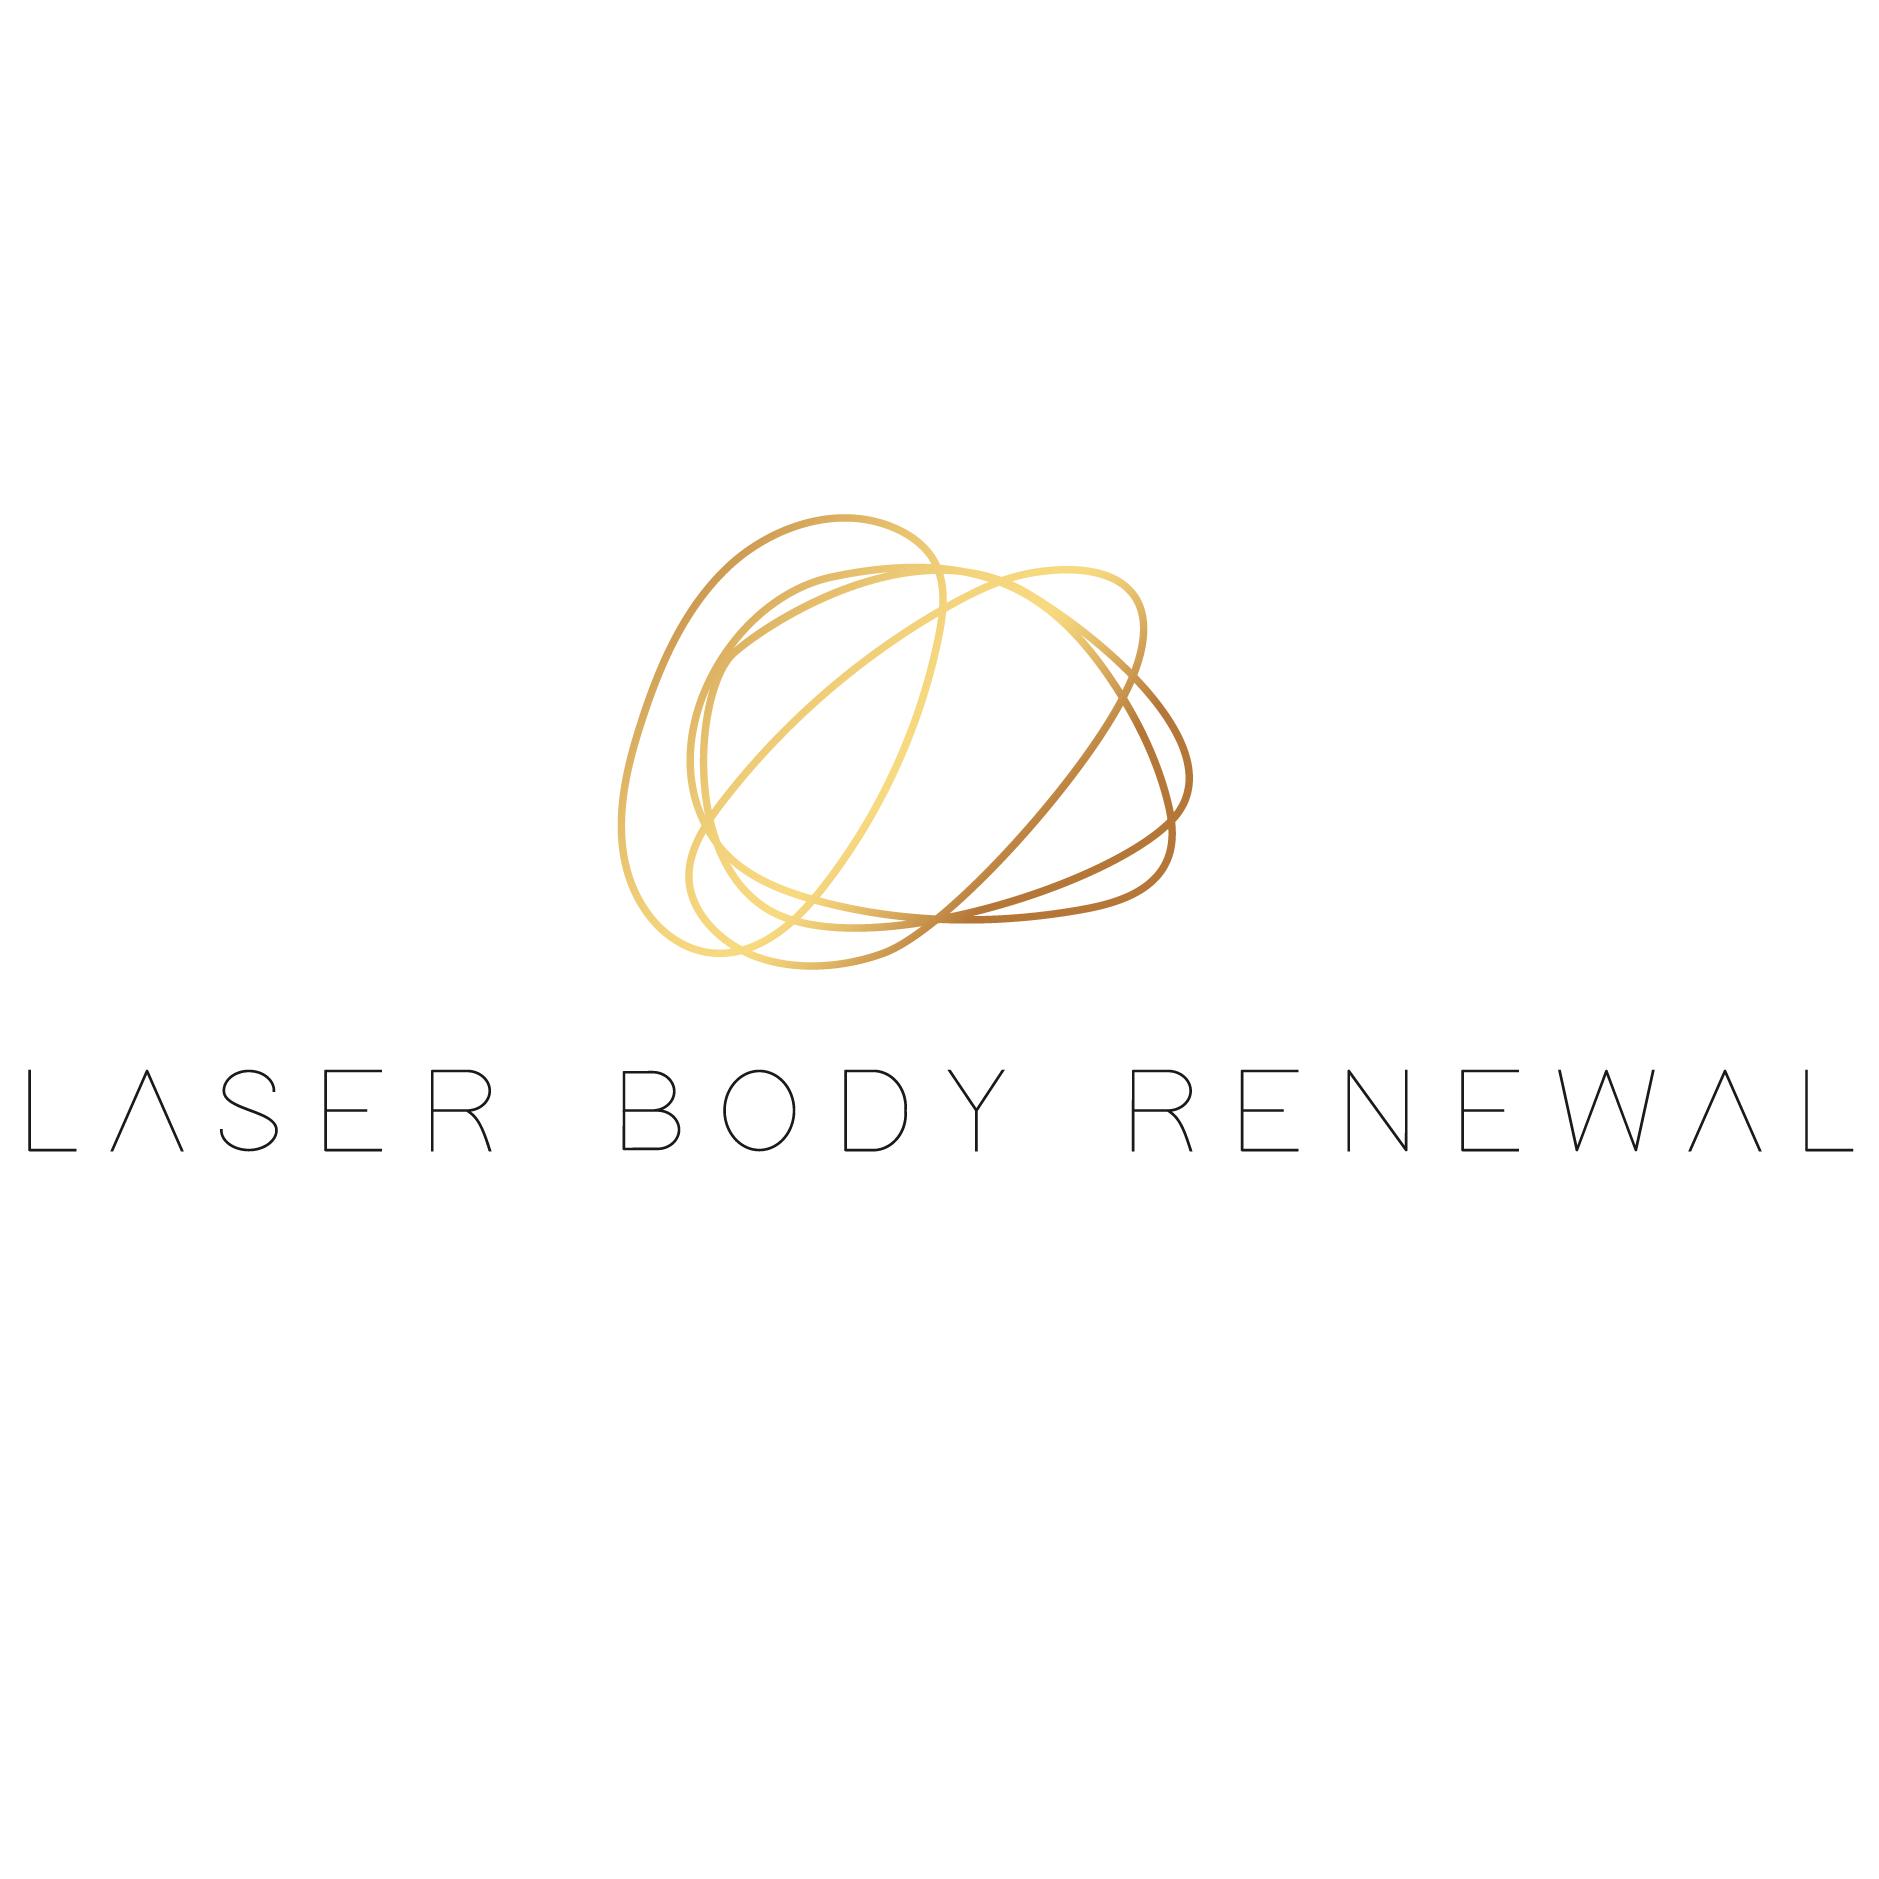 Laser Body Renewal